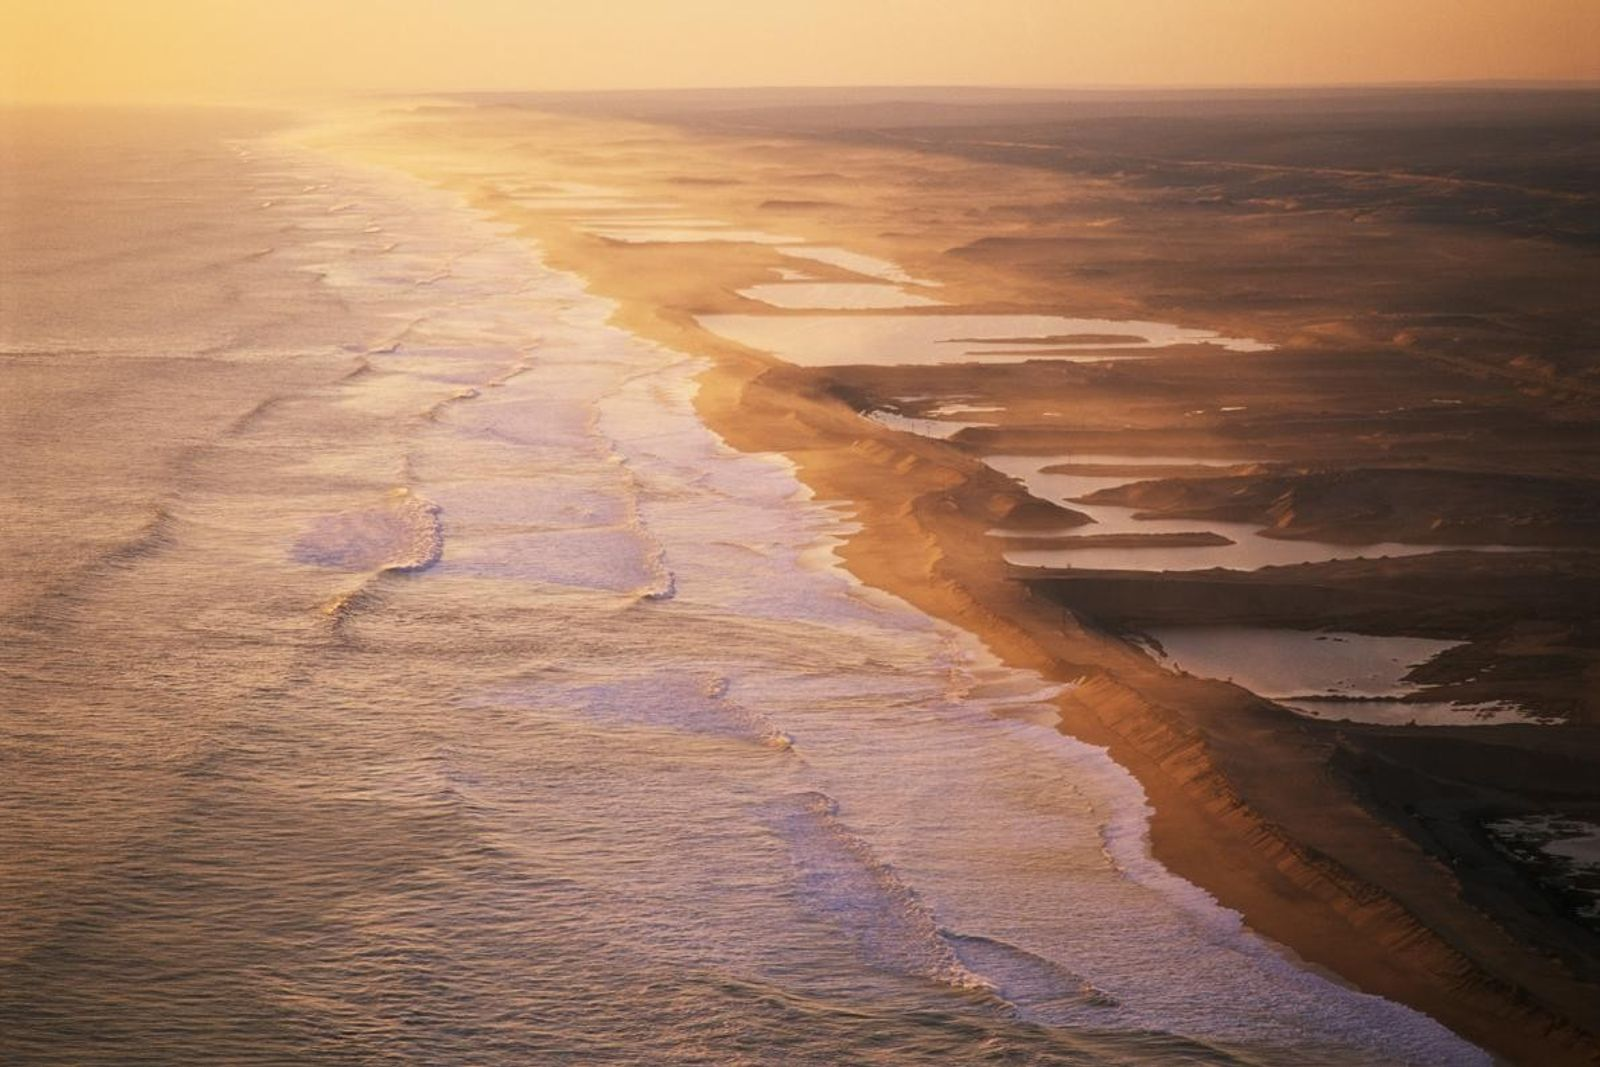 Nombreux sont ceux qui ont parcouru la côte namibienne à la recherche de diamants, triant les ...